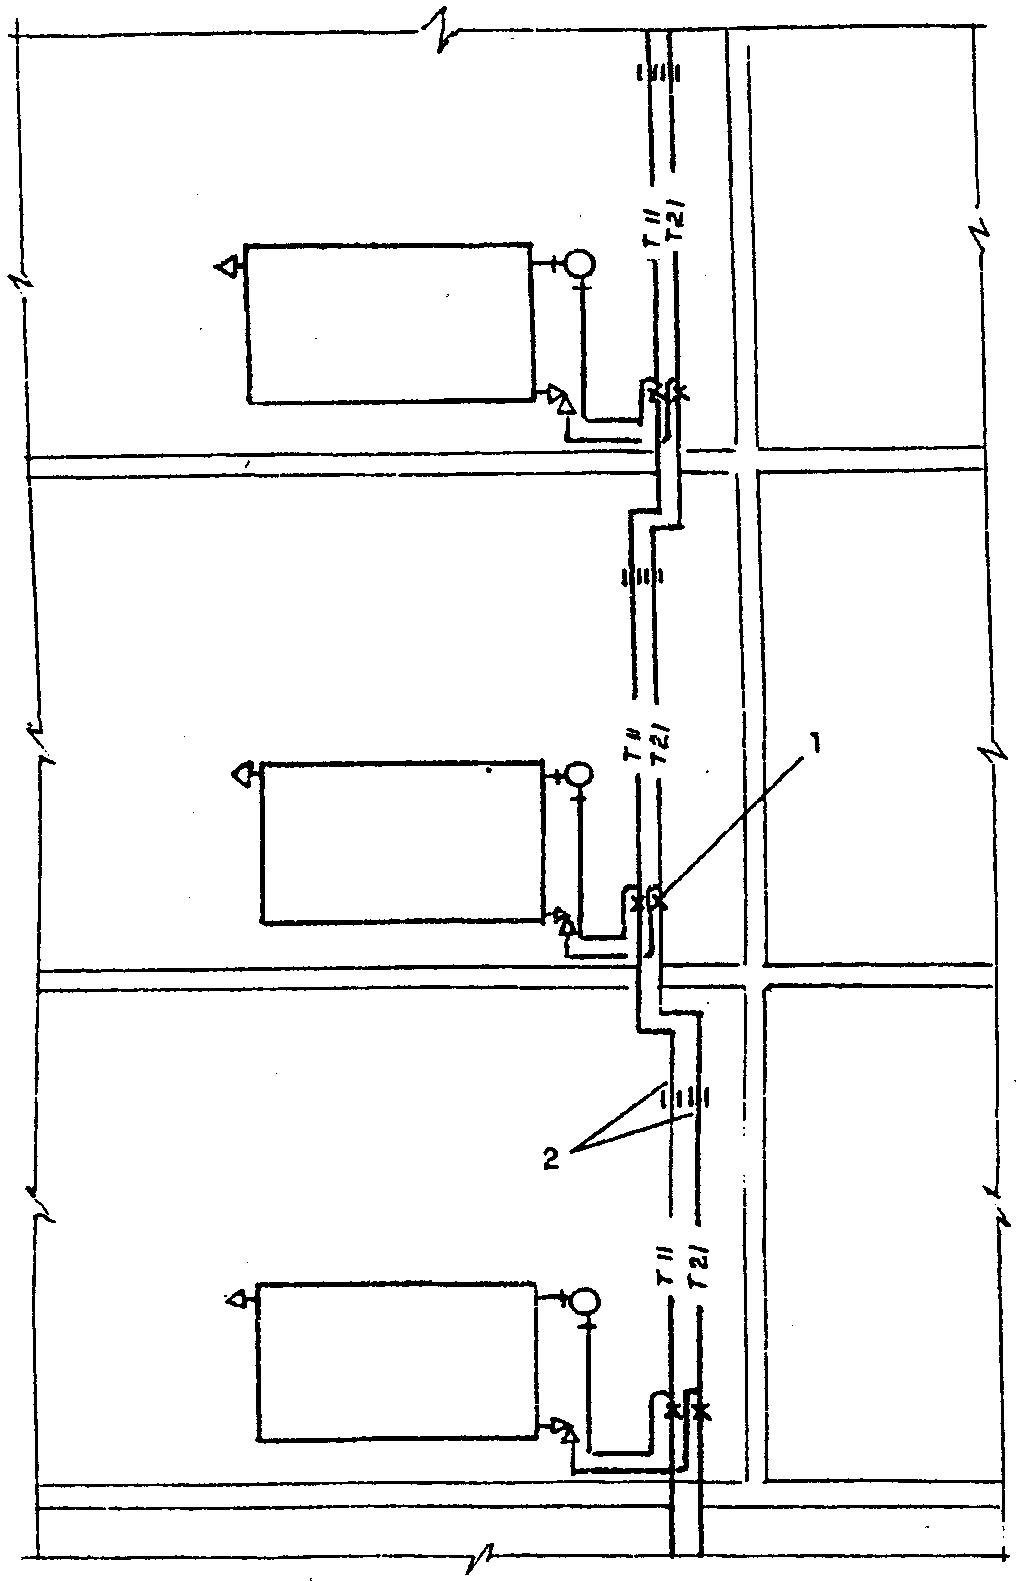 СП 411052002 Проектирование и строительство тепловых